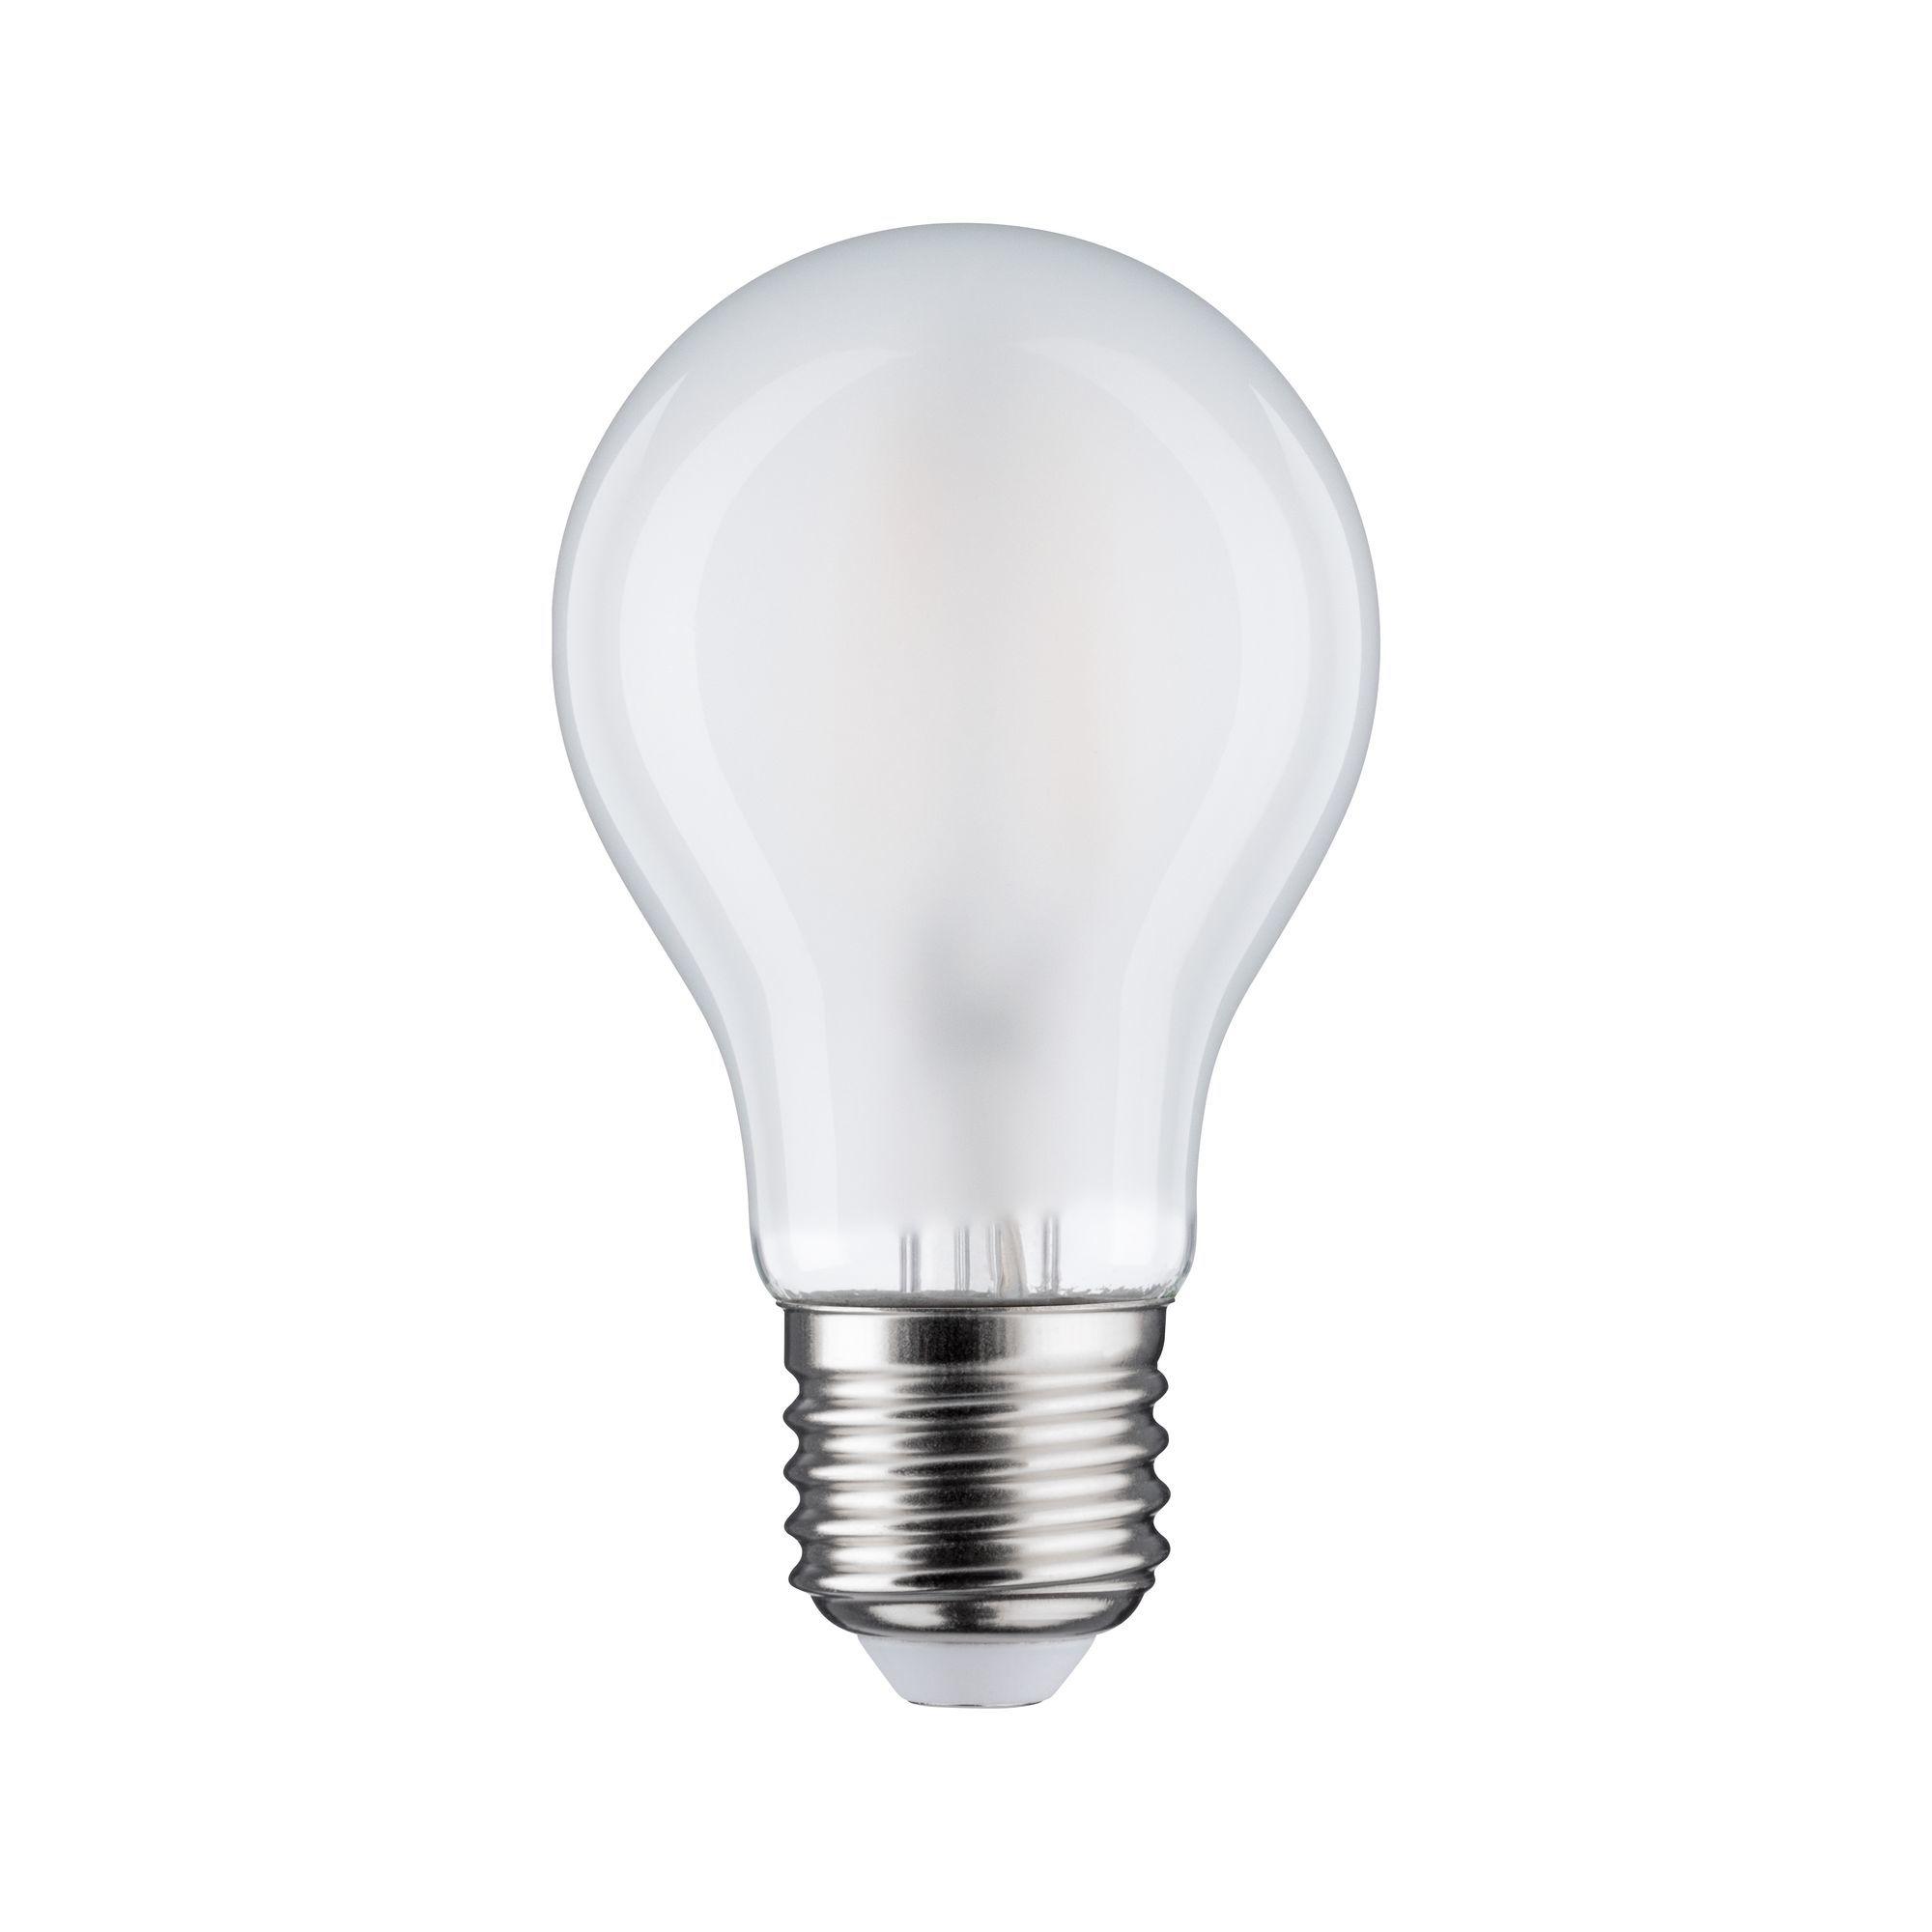 Paulmann LED Fil AGL 250lm E27 2700K matt 3W 230V (28615)